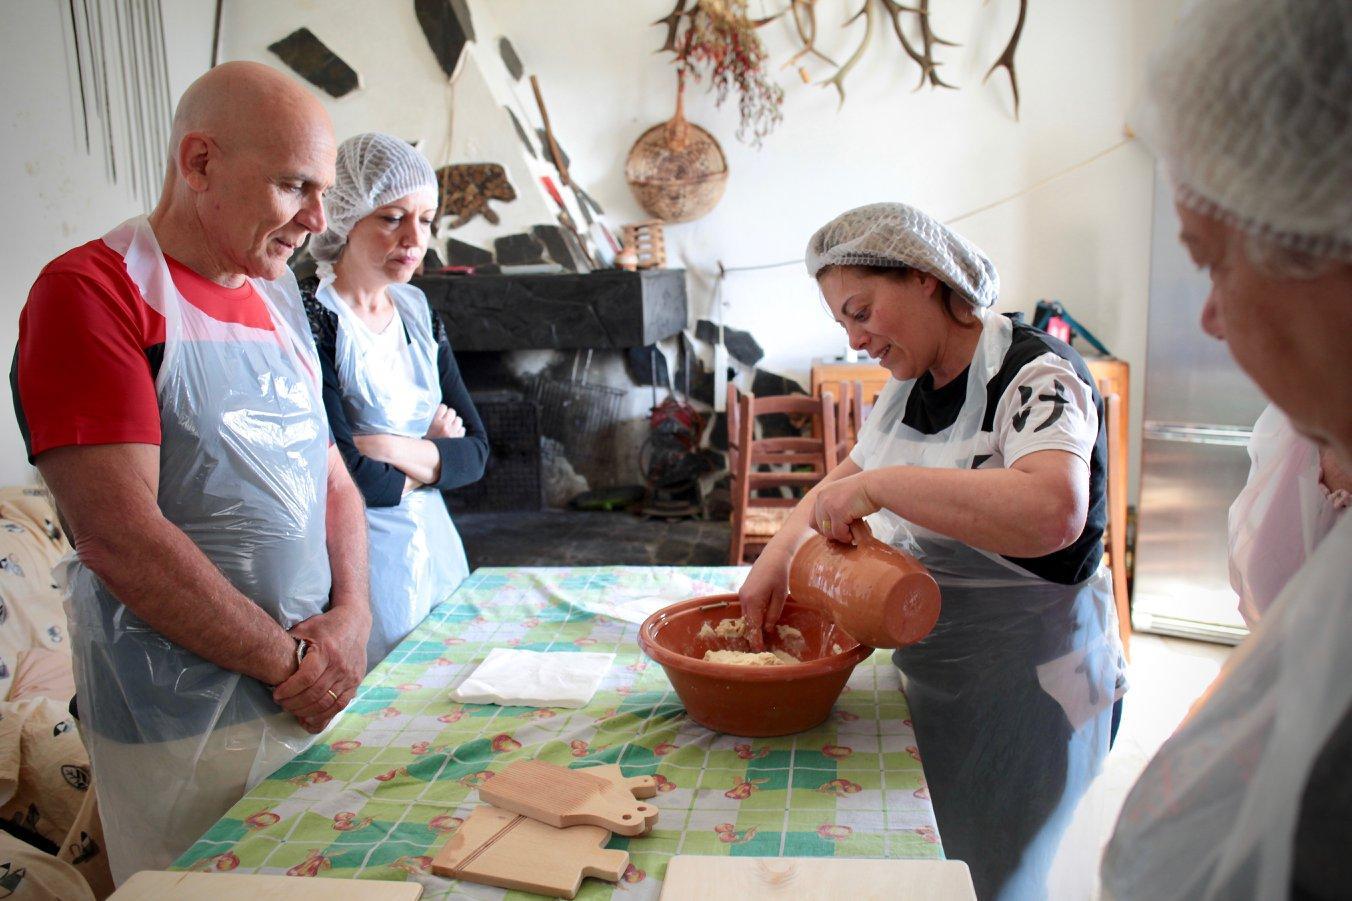 Sardegna, nella guerra del latte l innovazione di Monica Saba:  Diversificare per sopravvivere